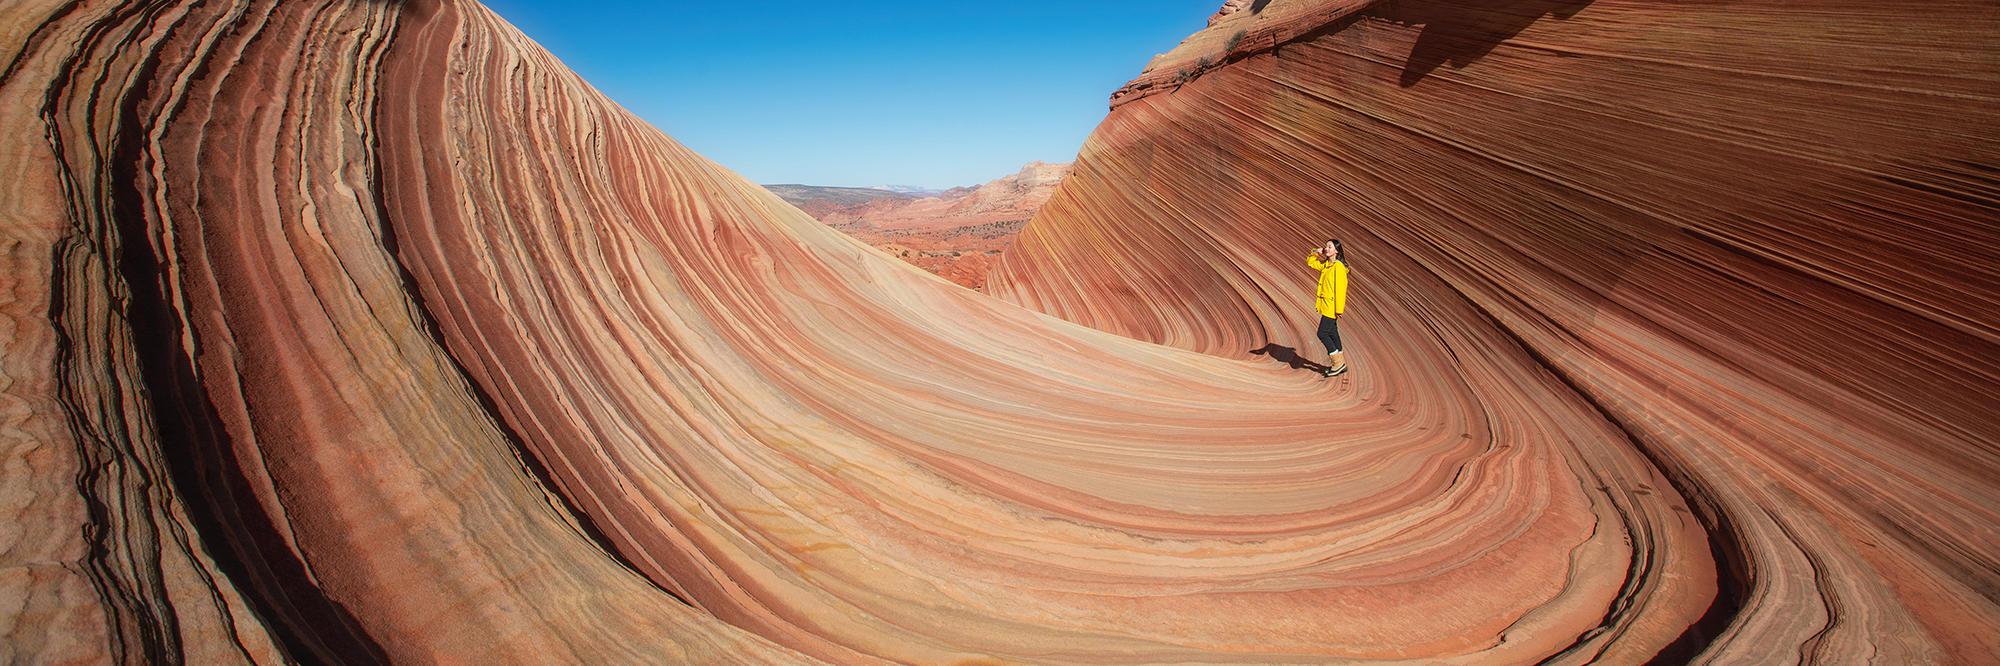 红岩 峡谷 拱门 荒野 美西自驾徒步探险